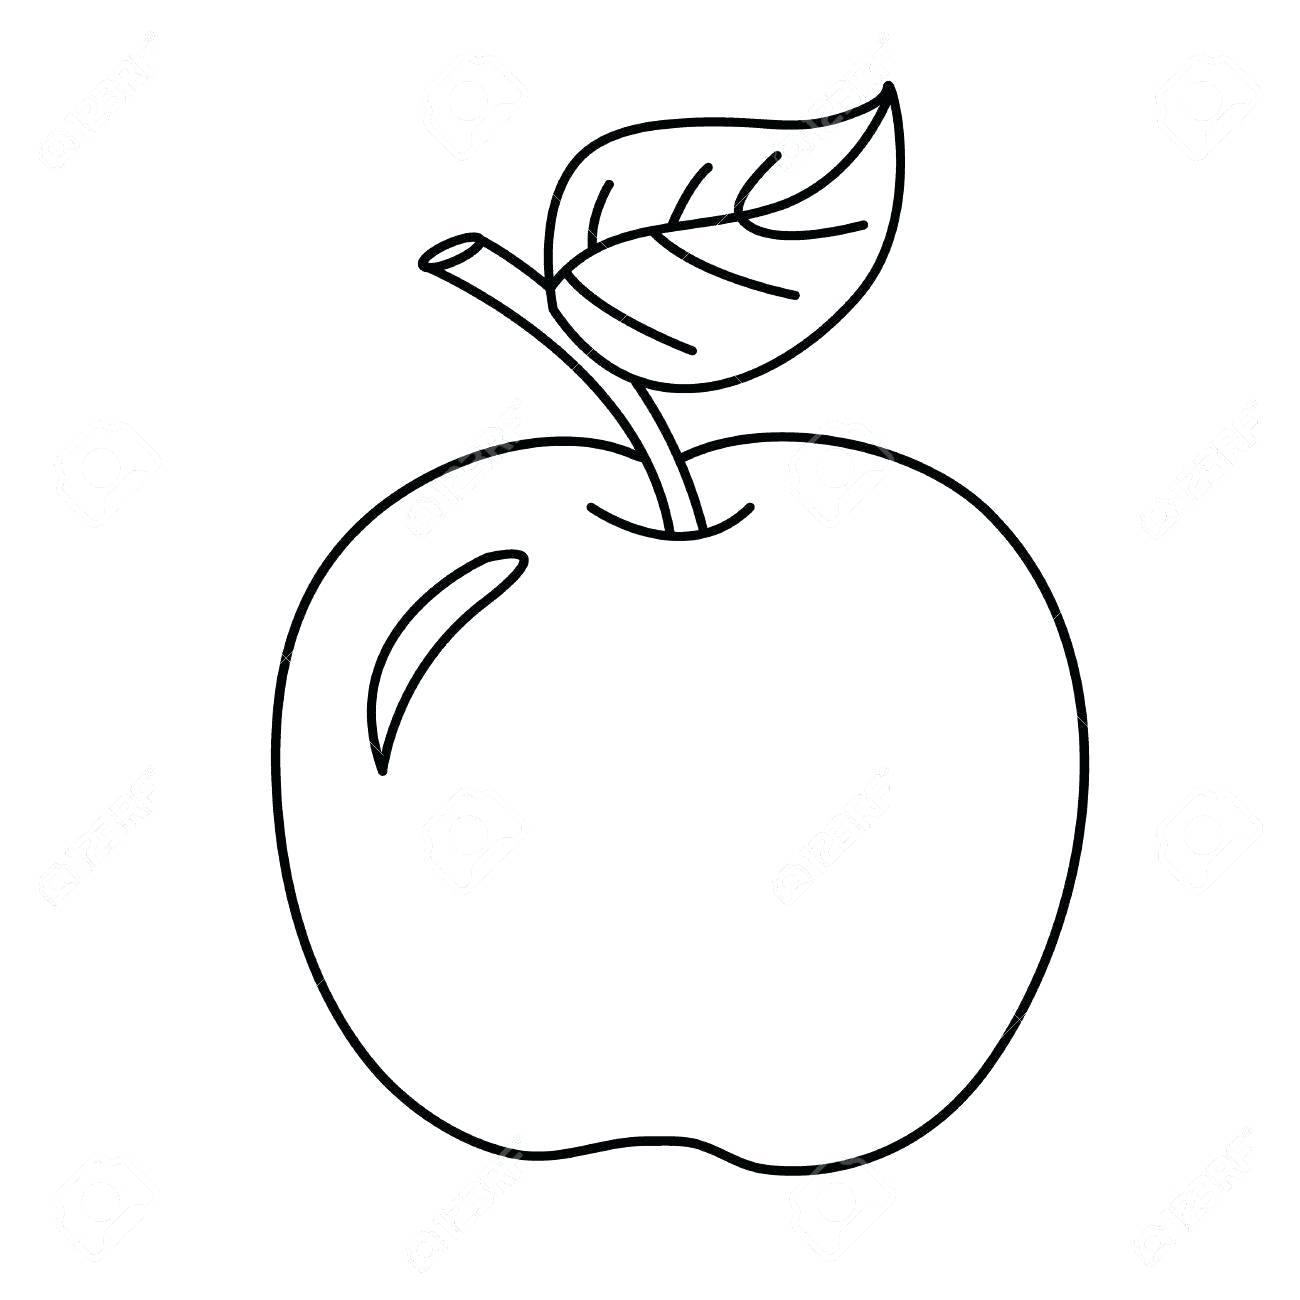 Bộ sưu tập các bức tranh tô màu quả táo cho bé tô màu